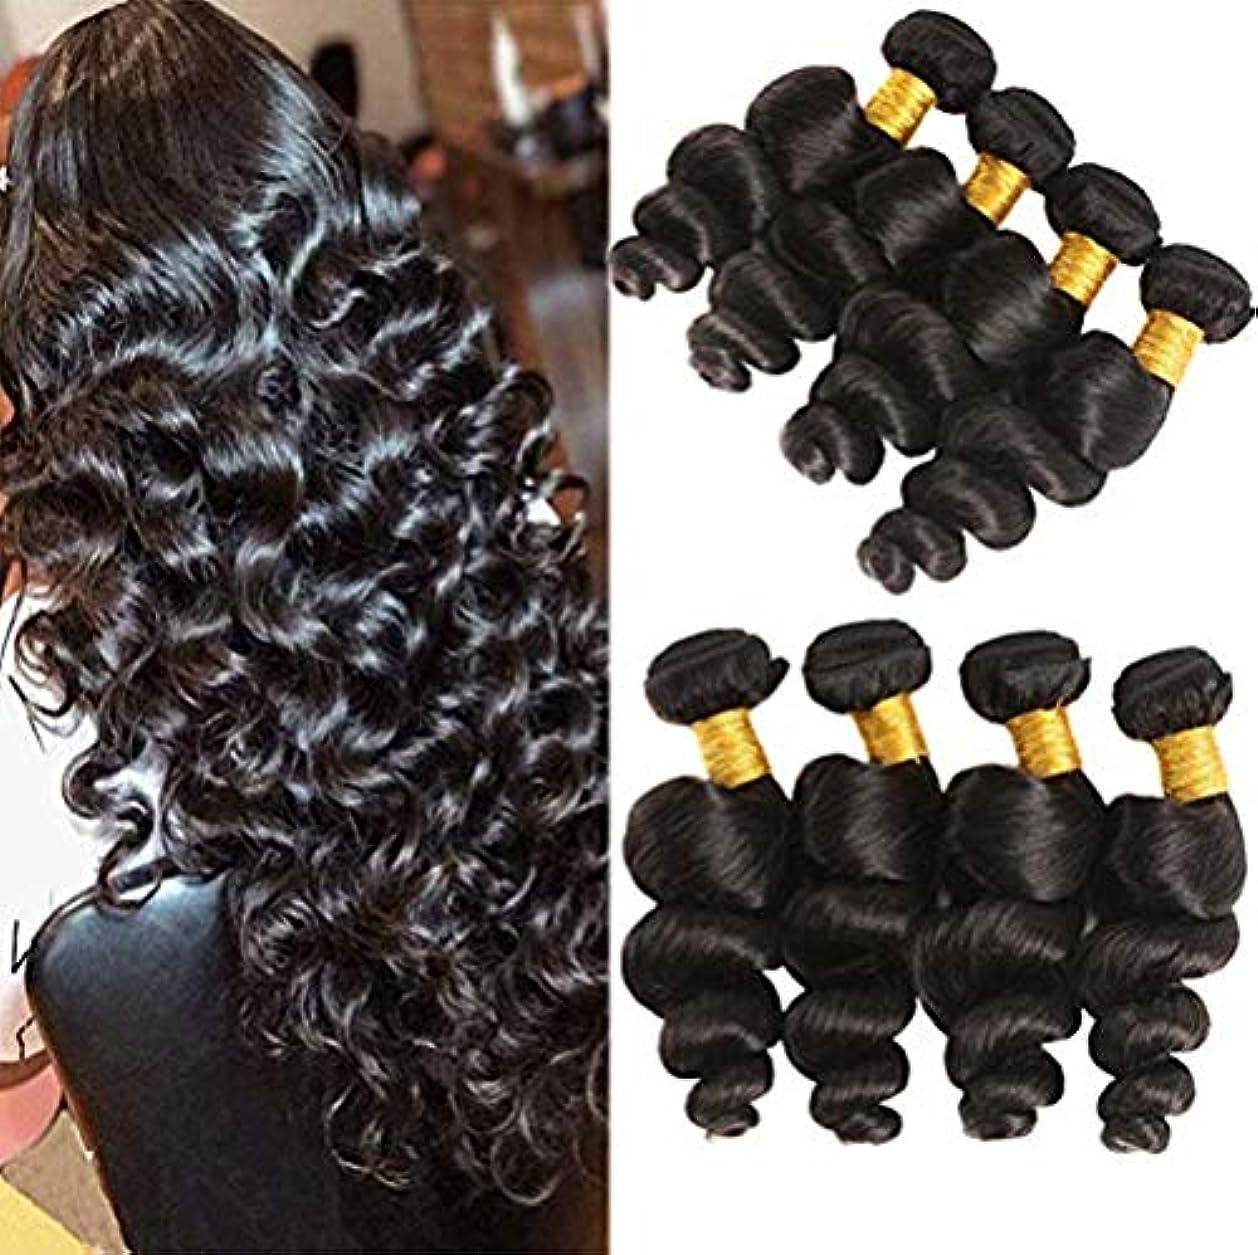 作りますさまよう突き刺す女性150%密度髪を編むブラジルの髪ルースウェーブ人間の髪1バンドル本物のバージンヘア